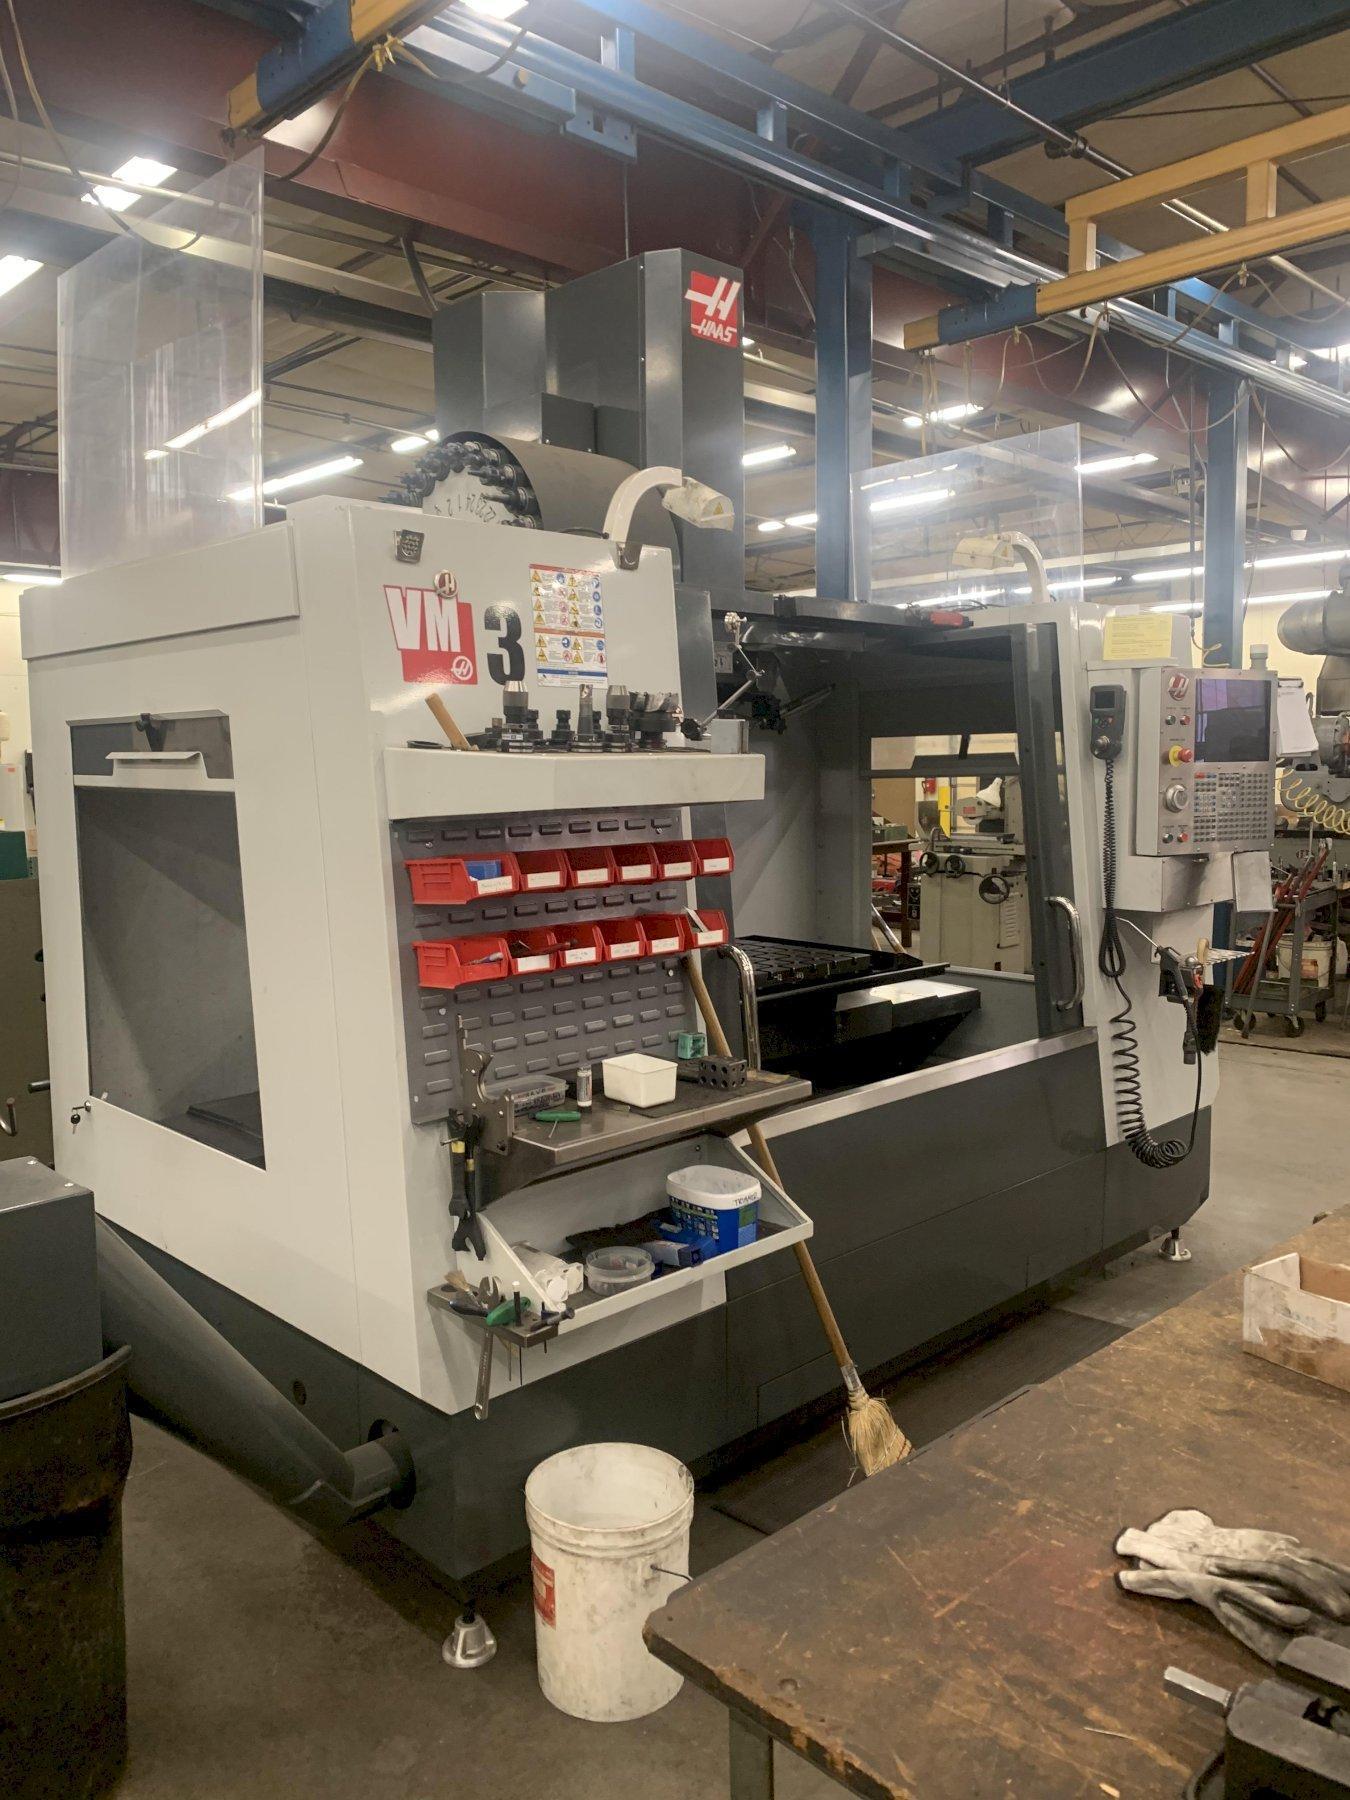 HAAS VM3 VERTICAL MACHINING CENTER, NEW 2013: STOCK #12960